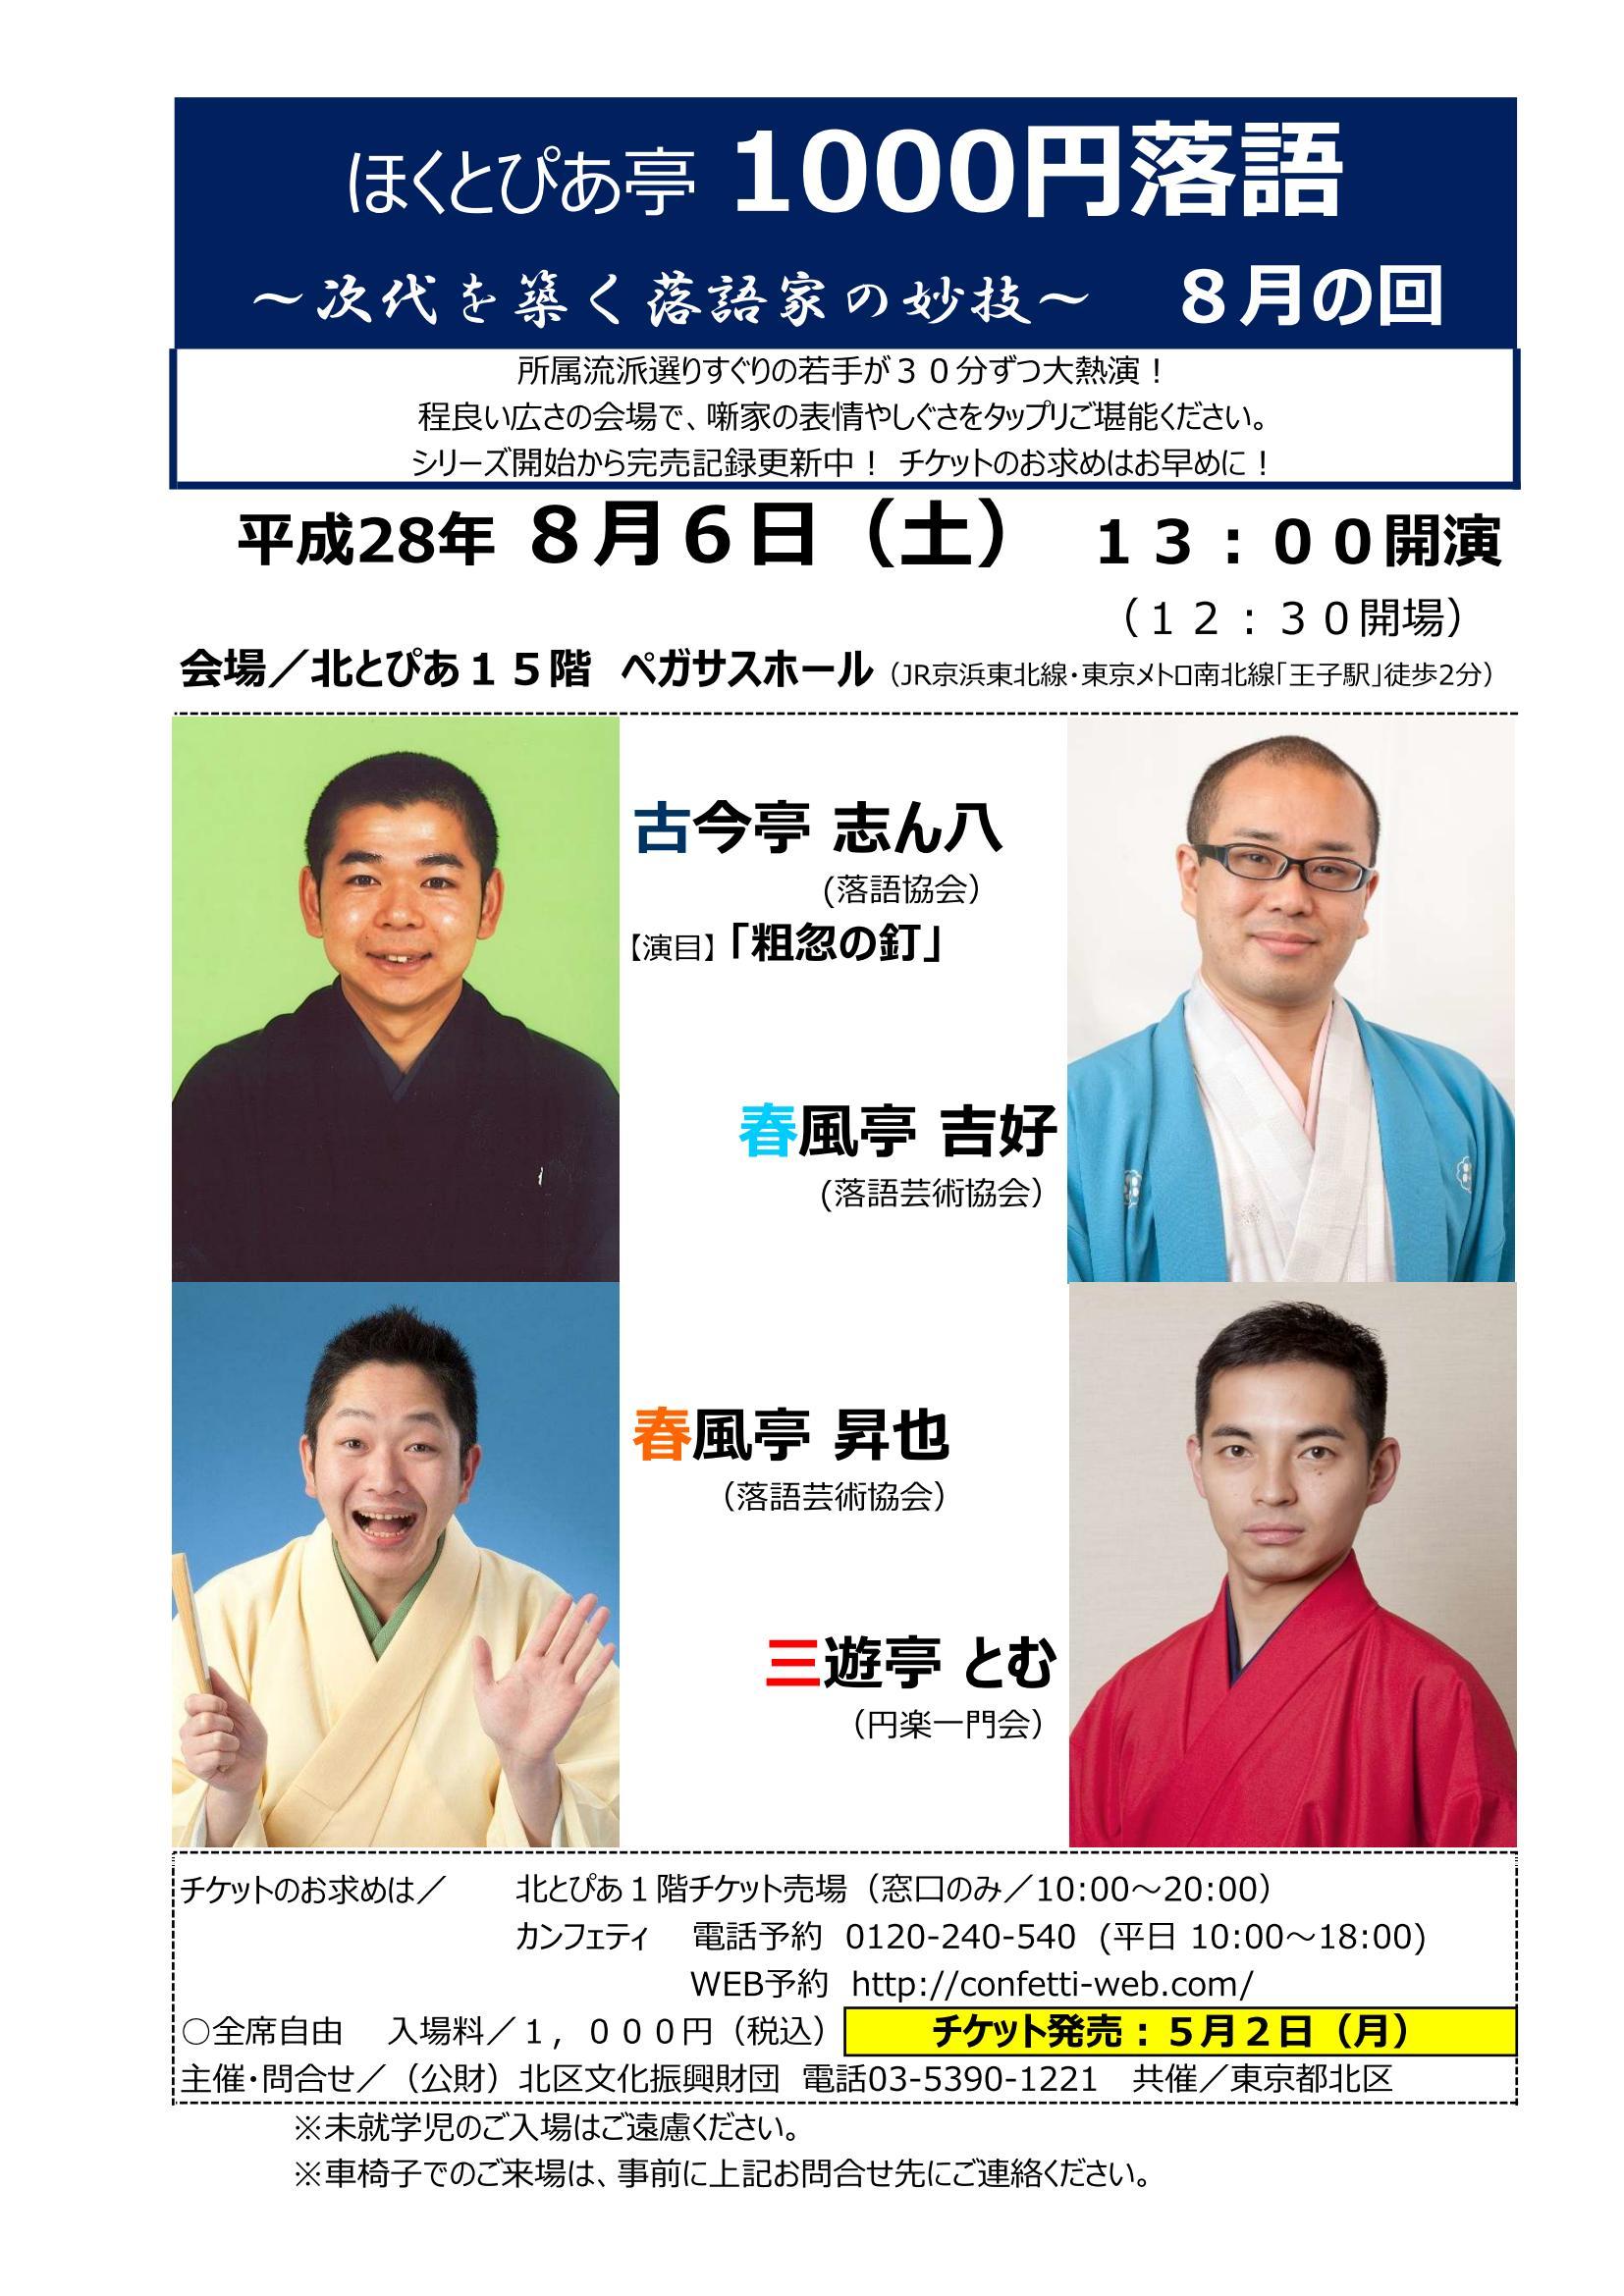 ほくとぴあ亭 1000円落語 8月の回